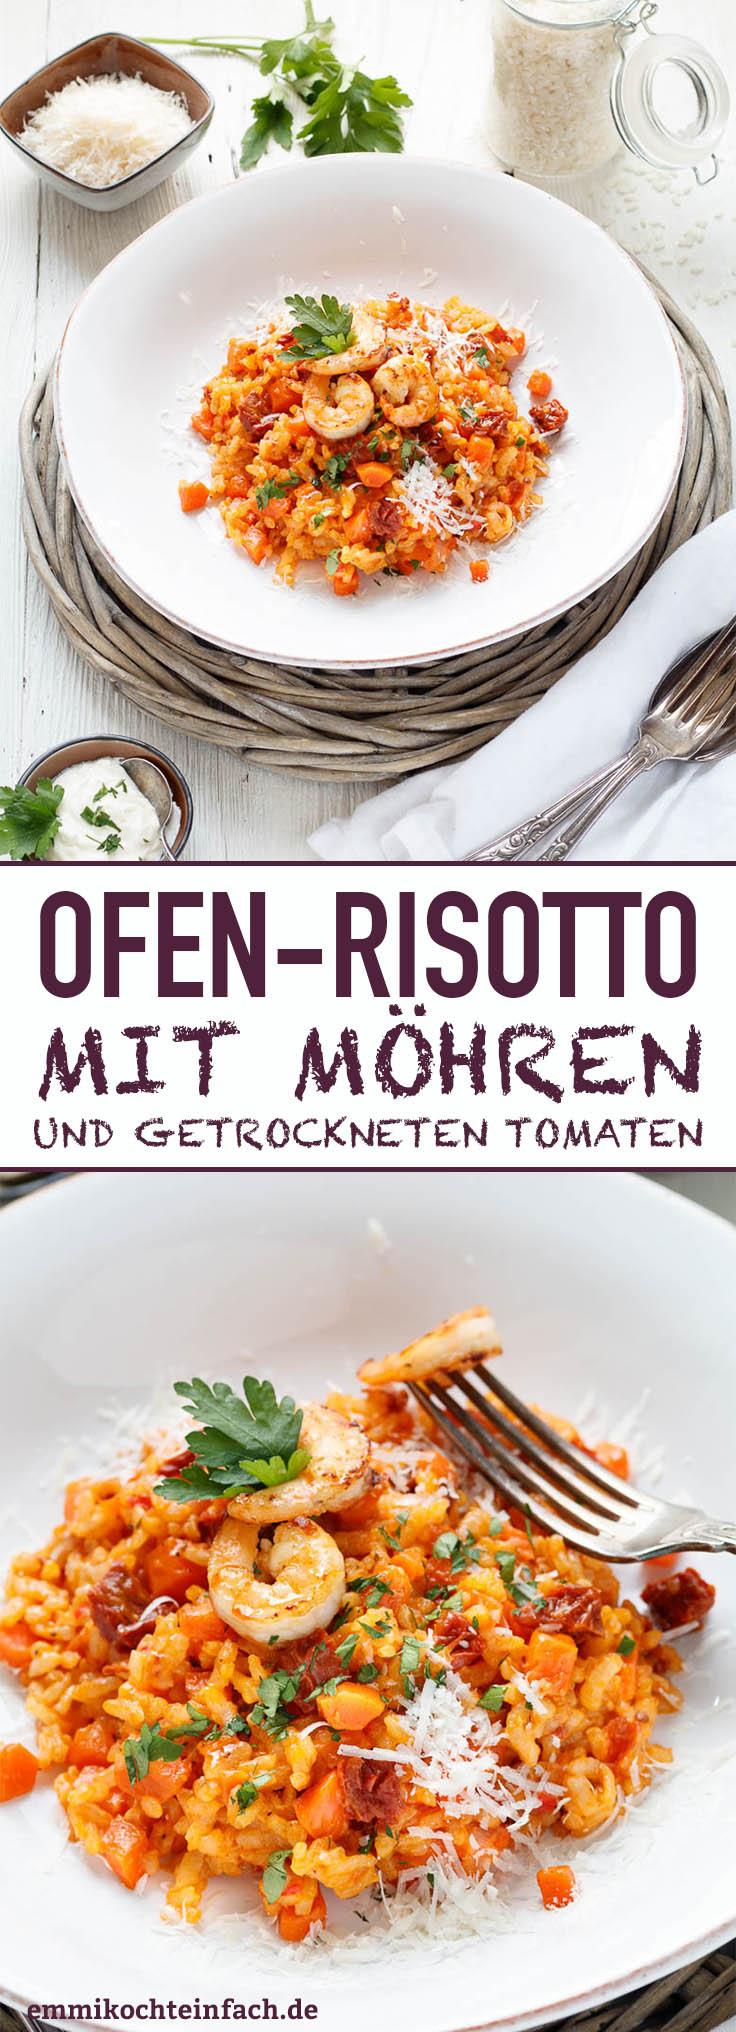 Ofenrisotto mit Möhren und getrockneten Tomaten - www.emmikochteinfach.de